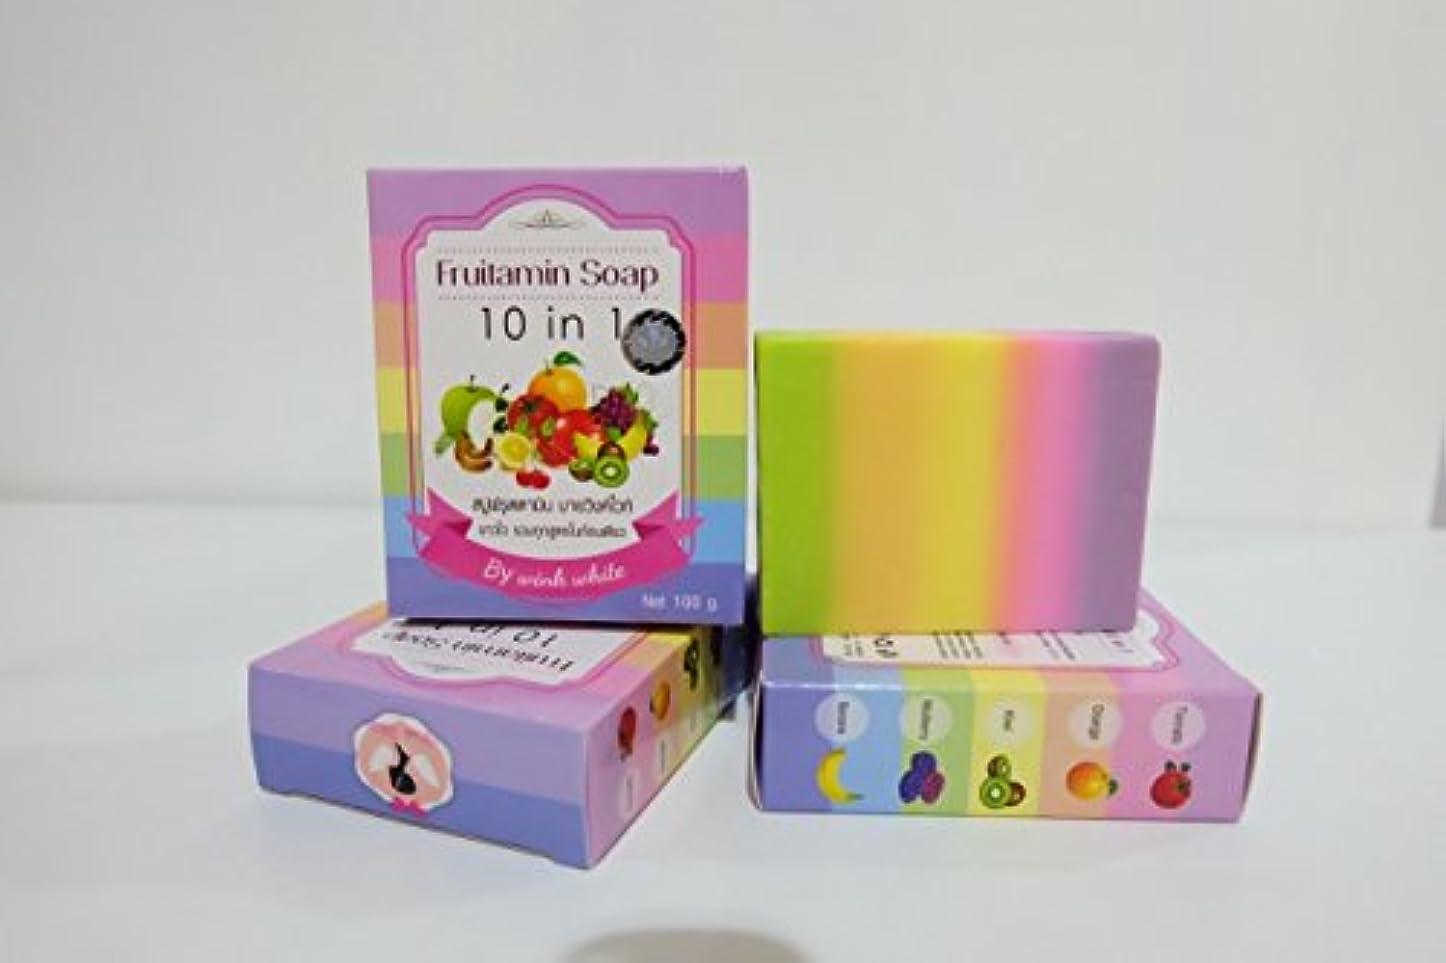 捧げる繁栄同時FRUITAMIN SOAP 10 IN 1 soap jelly cubes single vitamins park headlights course. Whitening Soap. 100 g. Free Shipping.